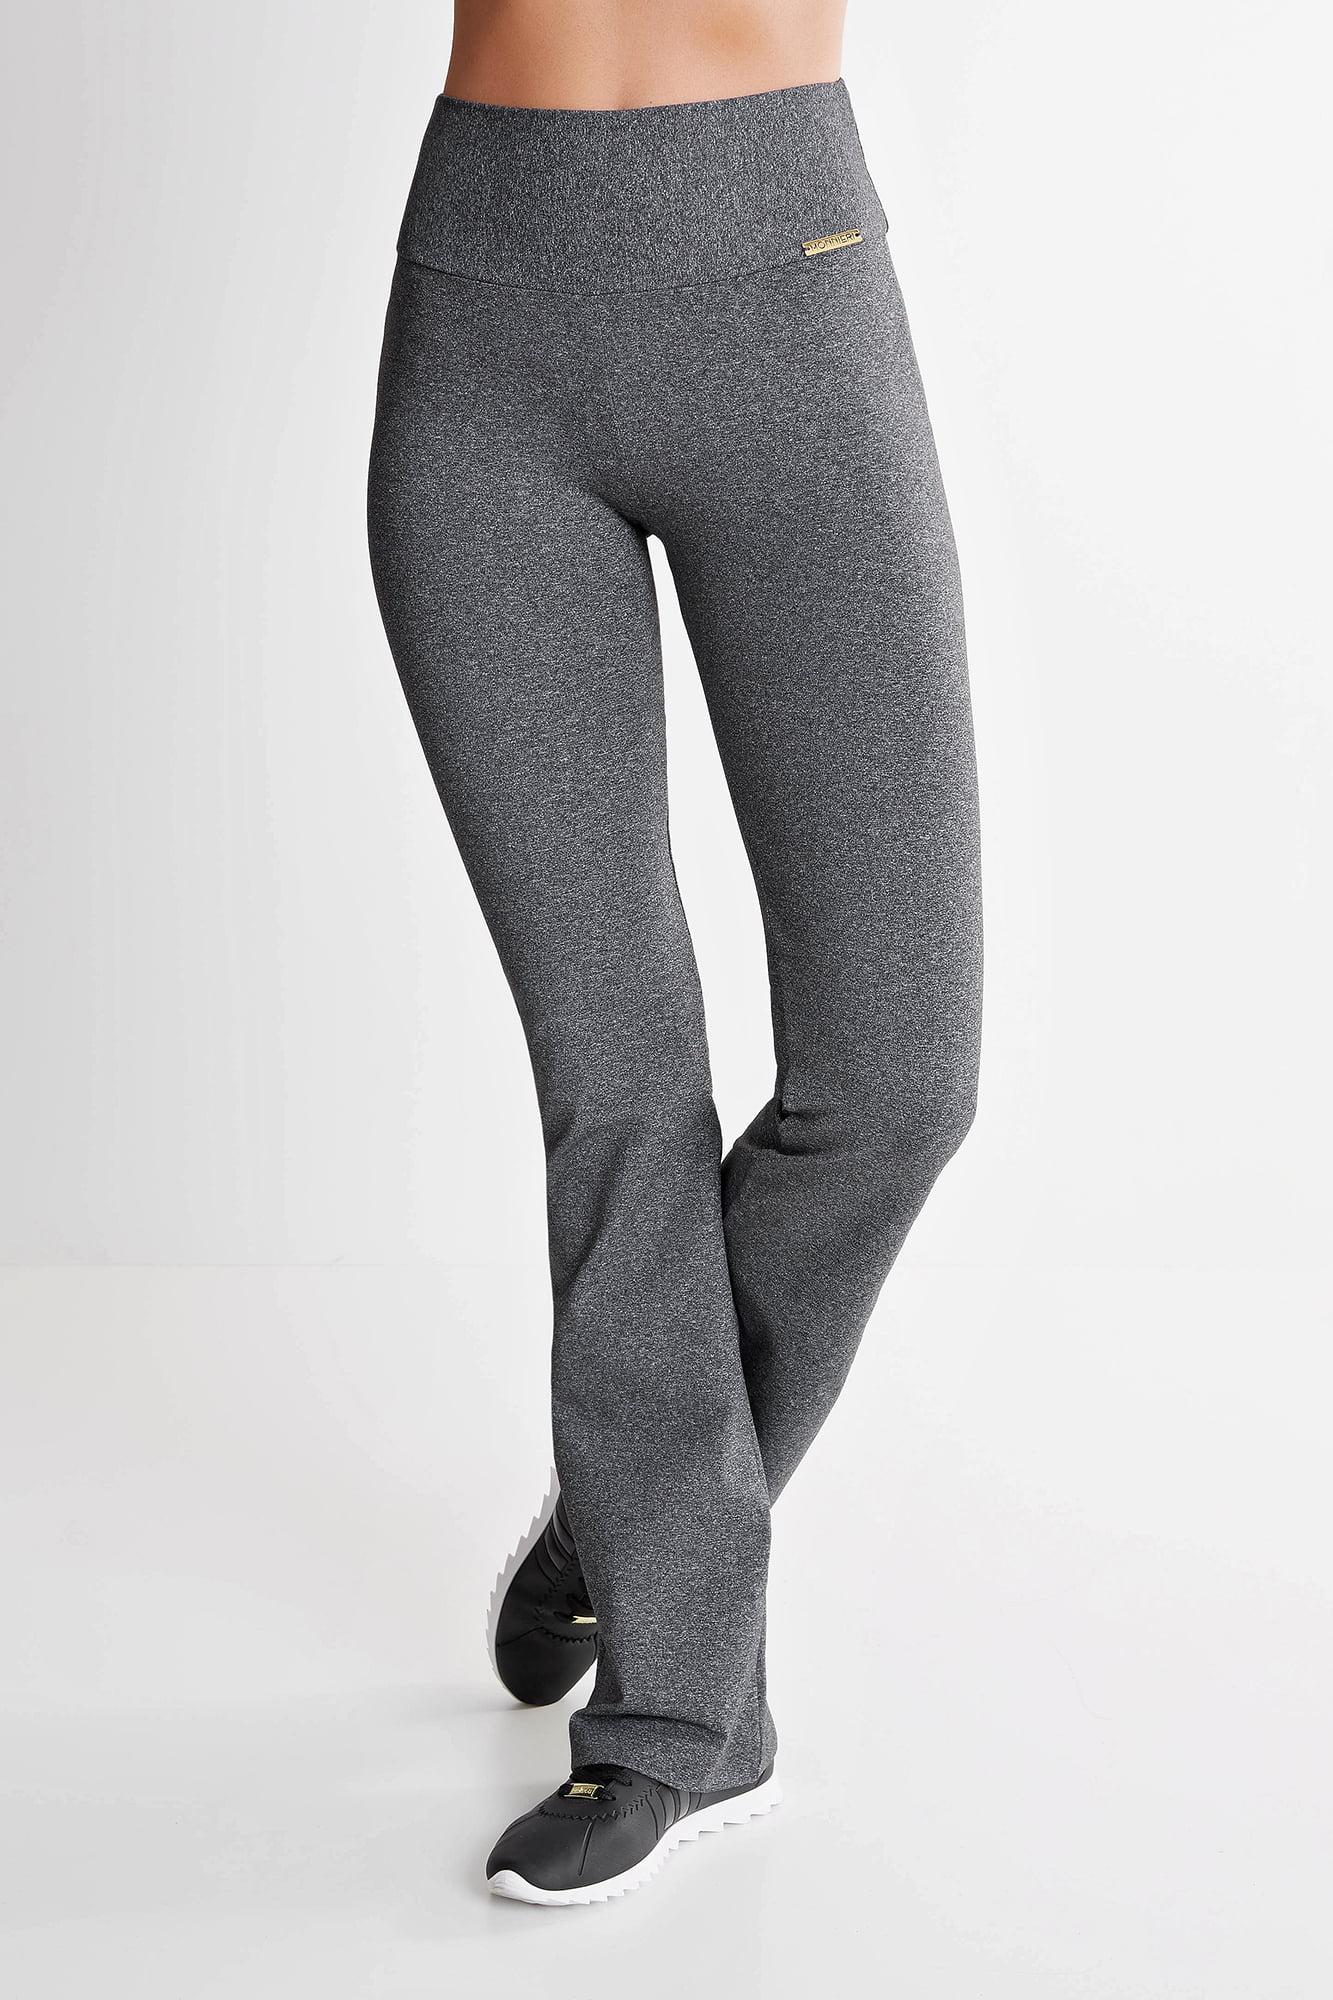 Calça Bailarina Cinza Mescla Escuro Mulheres Altas - Comprimento Personalizado